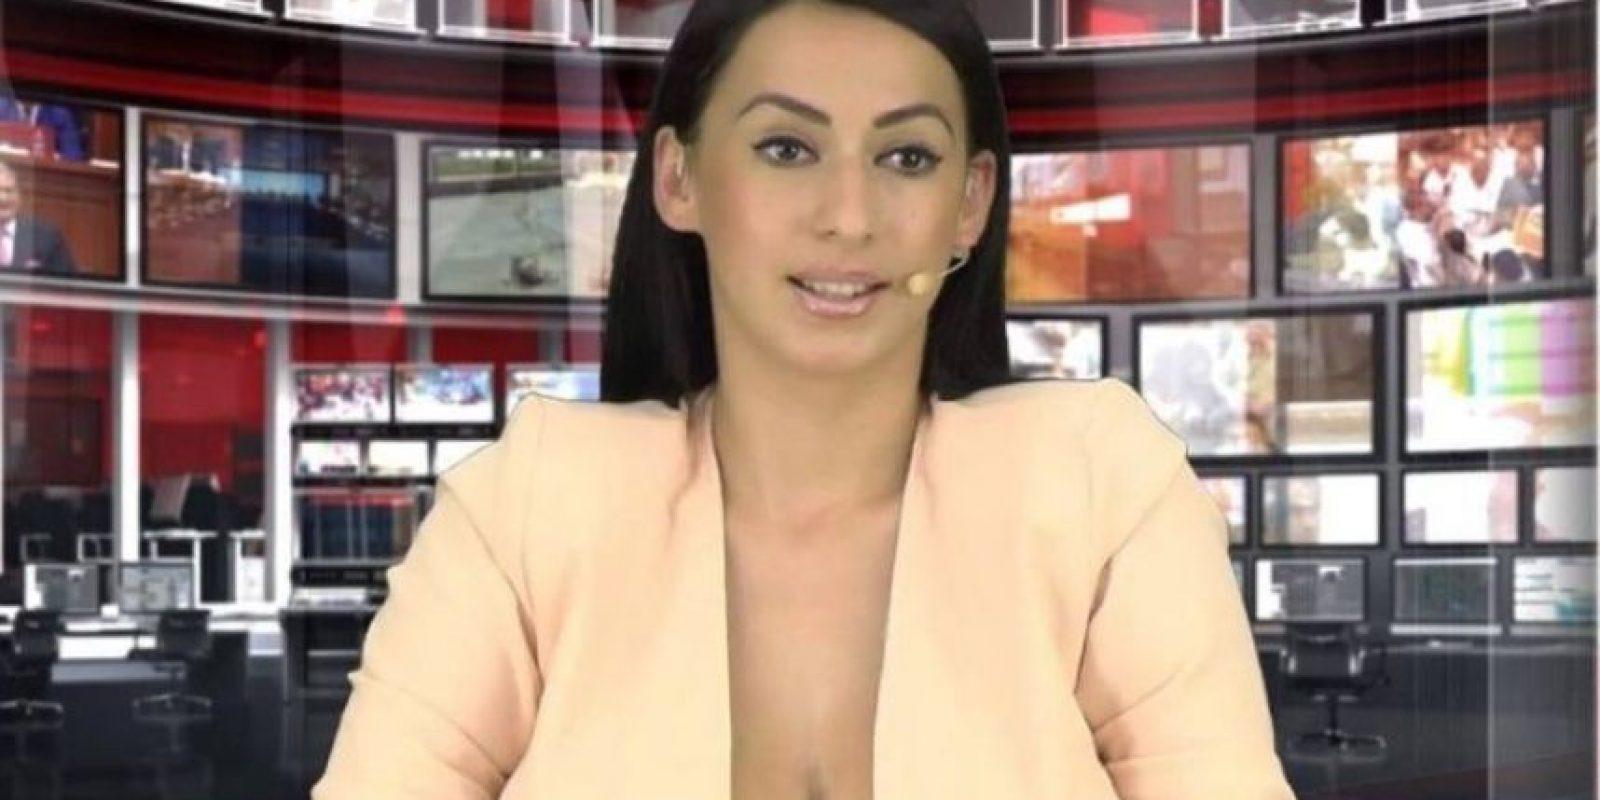 Su nombre es Enki Bracaj y consiguió quedarse con el puesto de locutora de noticias internacionales en un programa de noticias de Albania gracias a su pronunciado escote. Foto:Vía Facebook.com/enki.bracaj